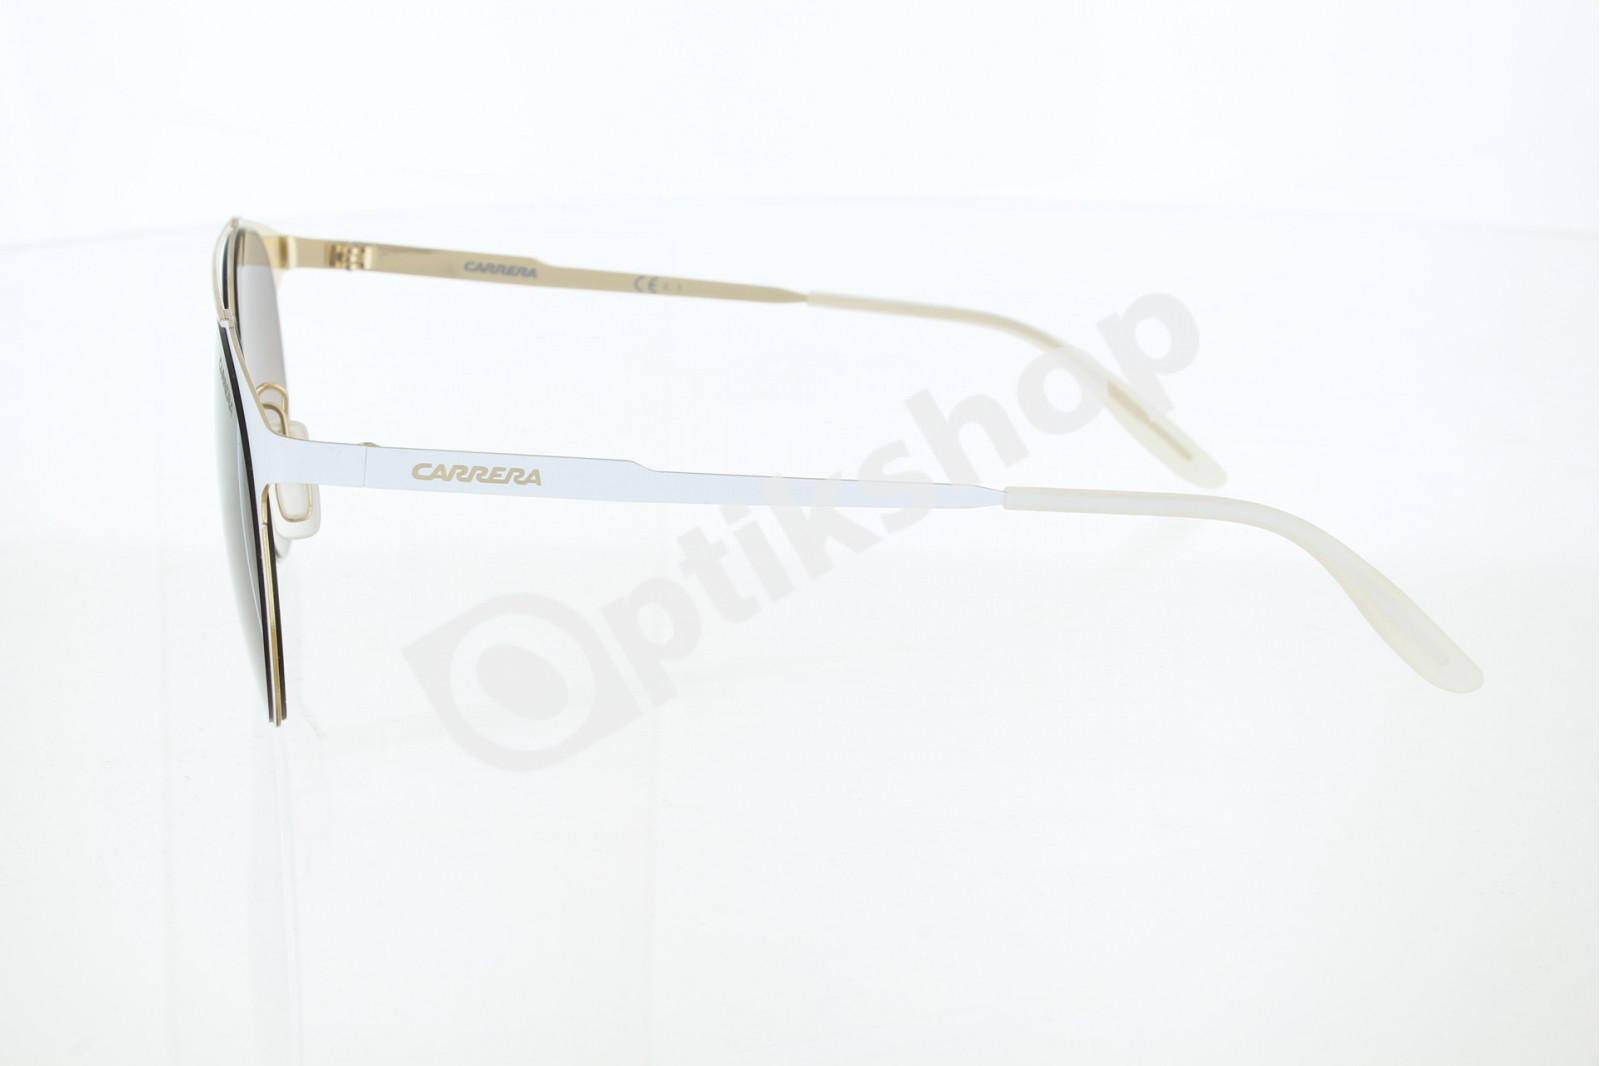 Carrera napszemüveg · Carrera napszemüveg · Carrera napszemüveg c7b6bb34a8